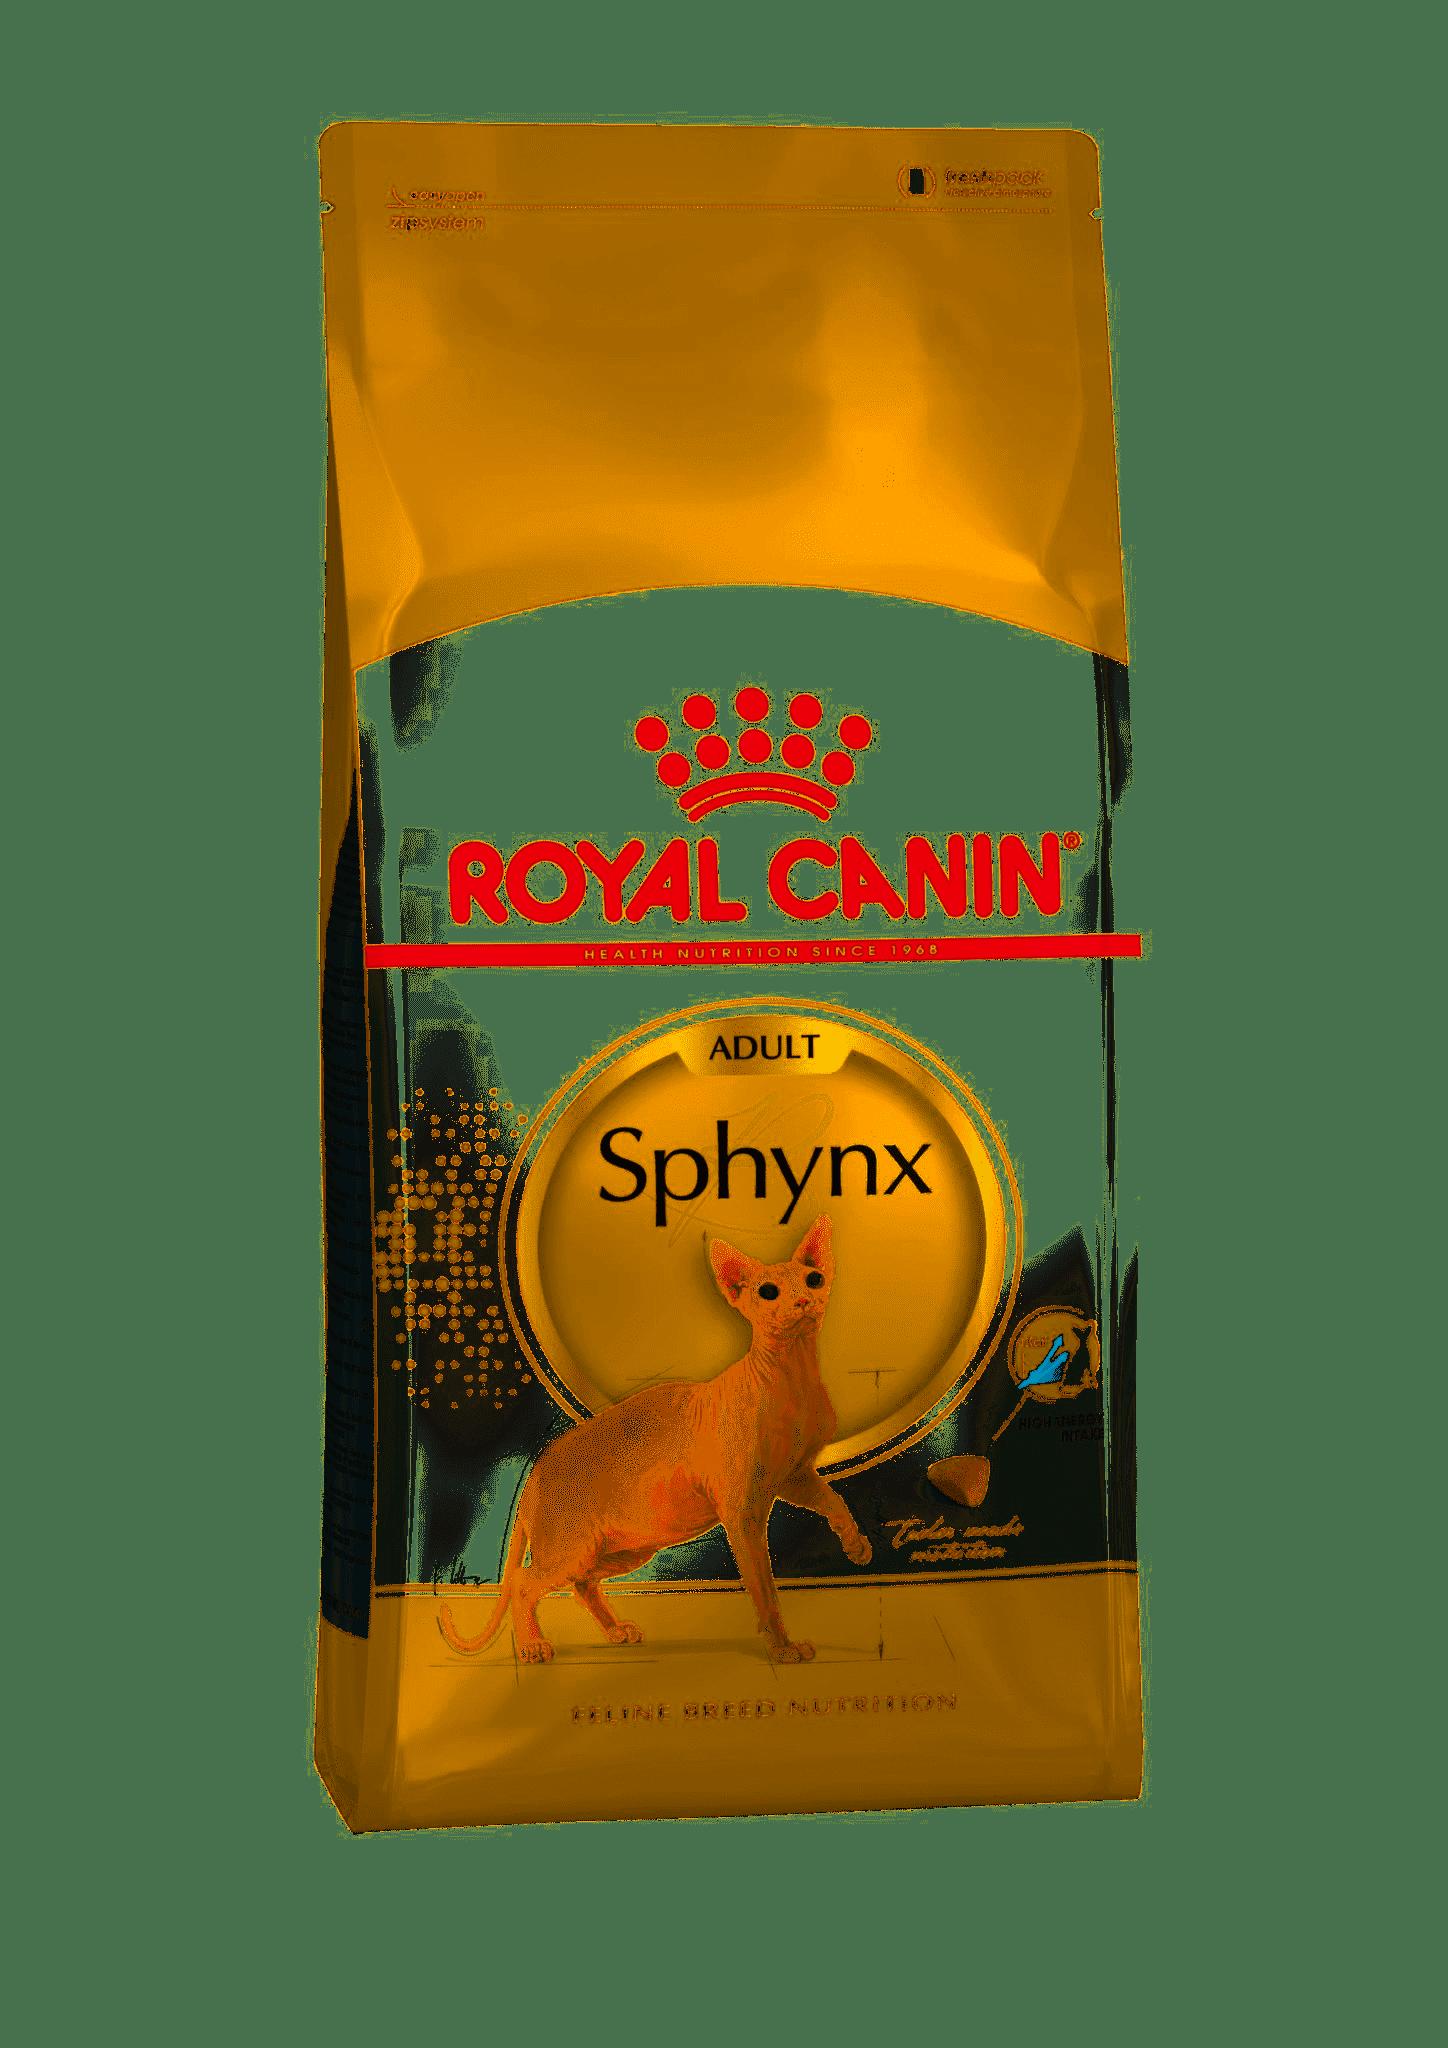 Royal Canin Sphynx Adult для взрослых кошек породы сфинкс, Cat Food, For Cats, 2 кг